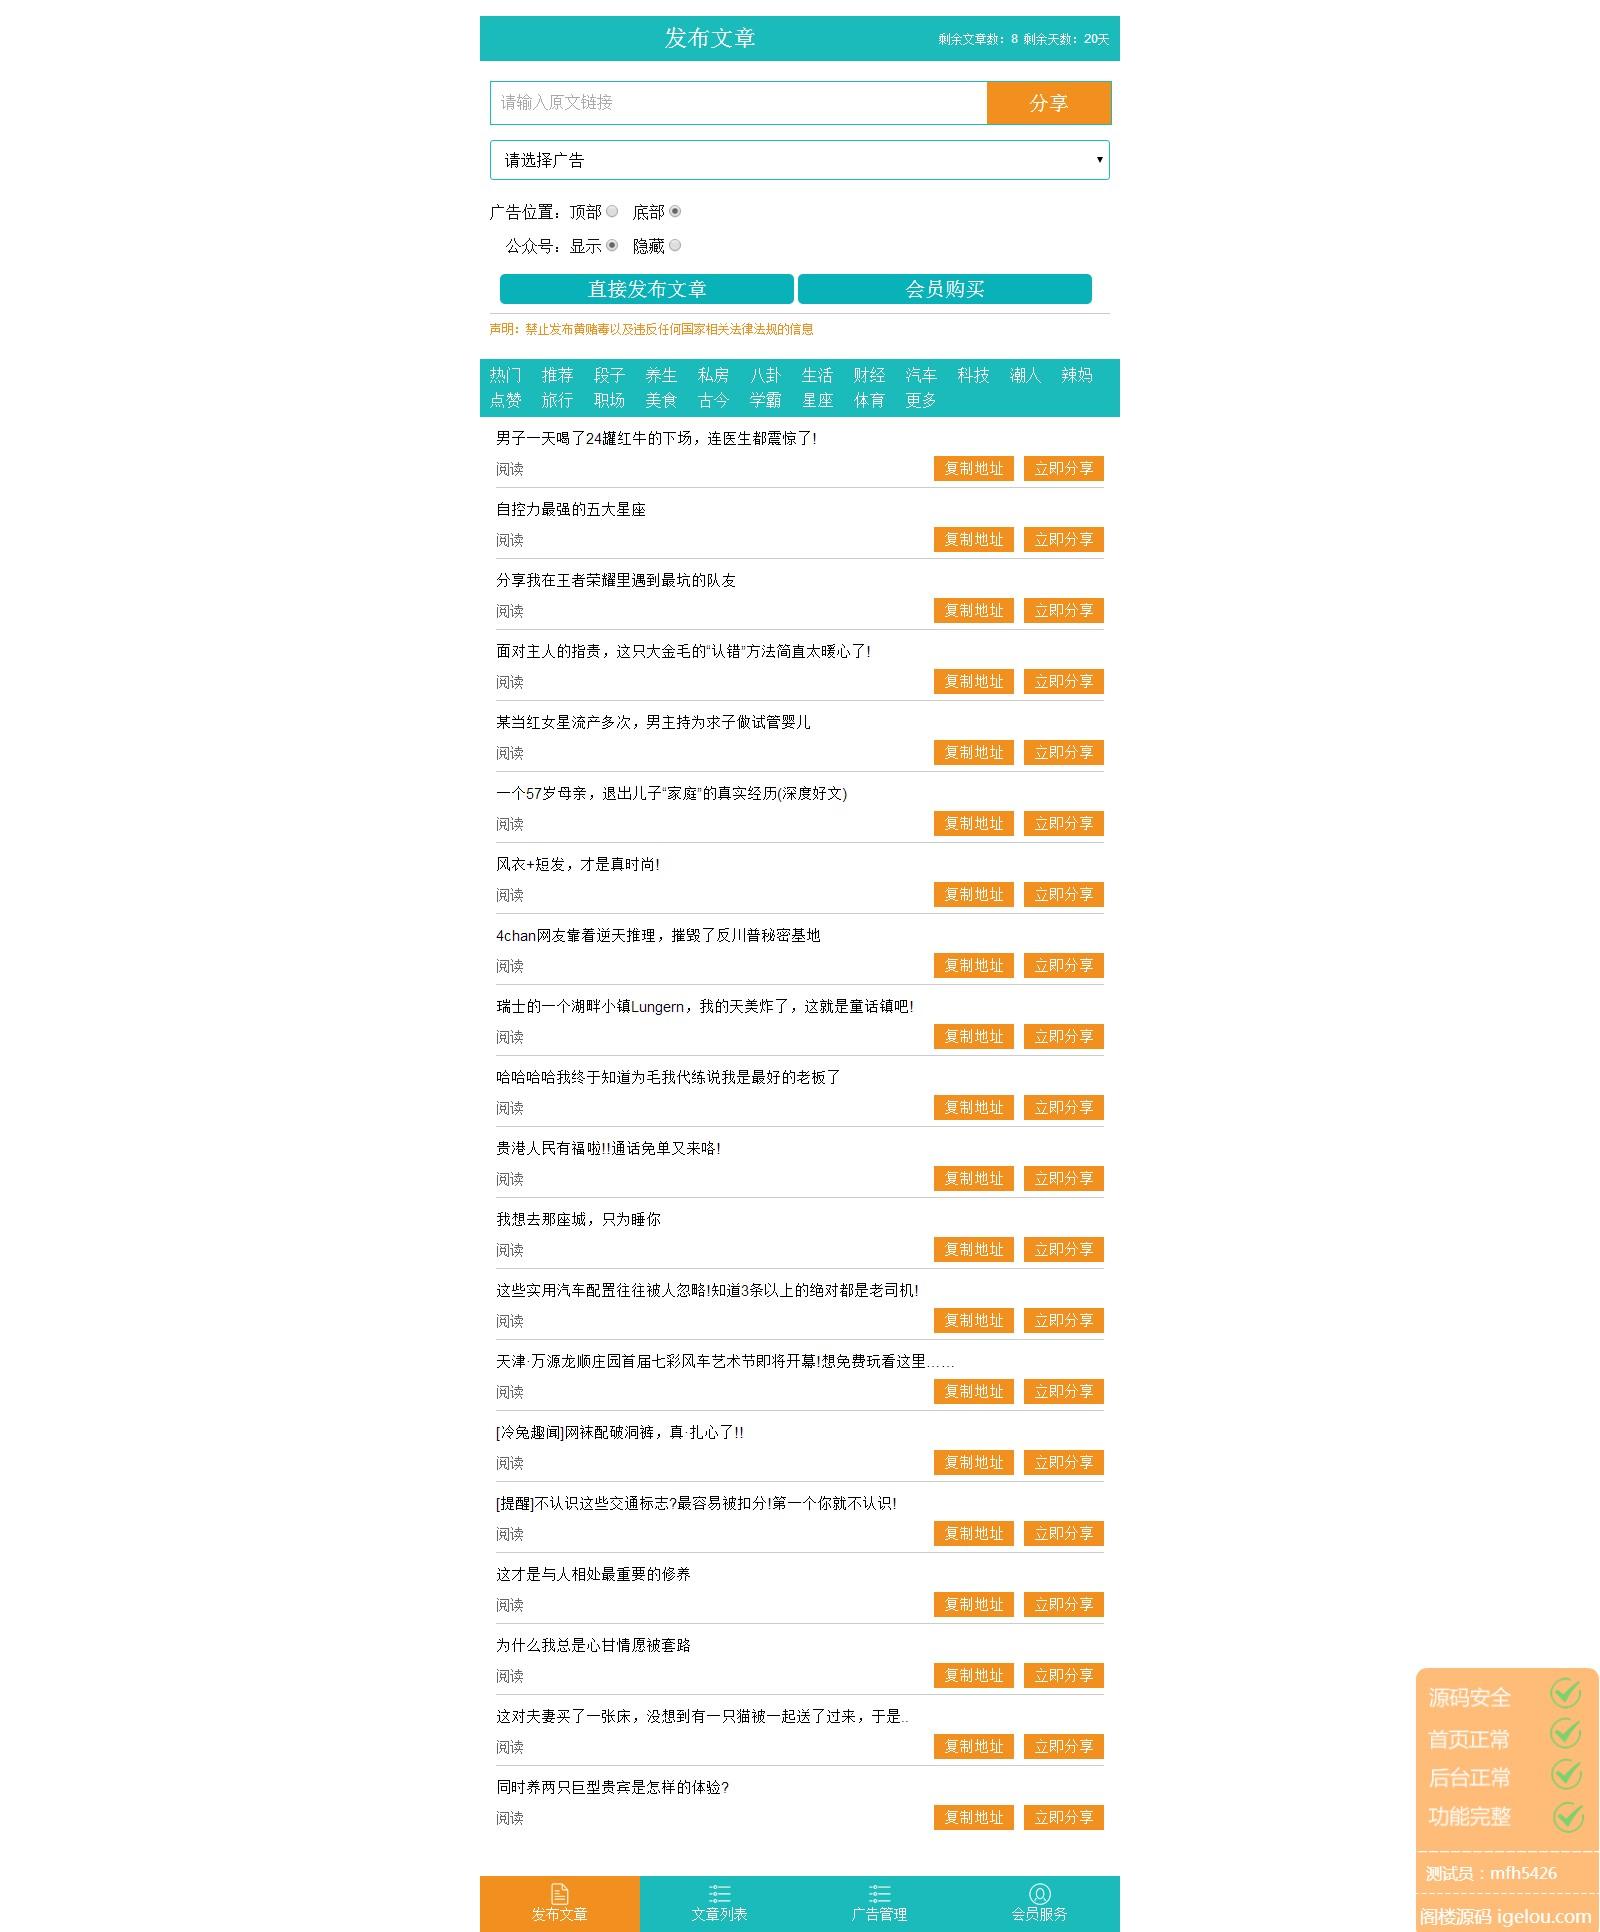 微信广告植入掌上推广源代码6.25更新整合